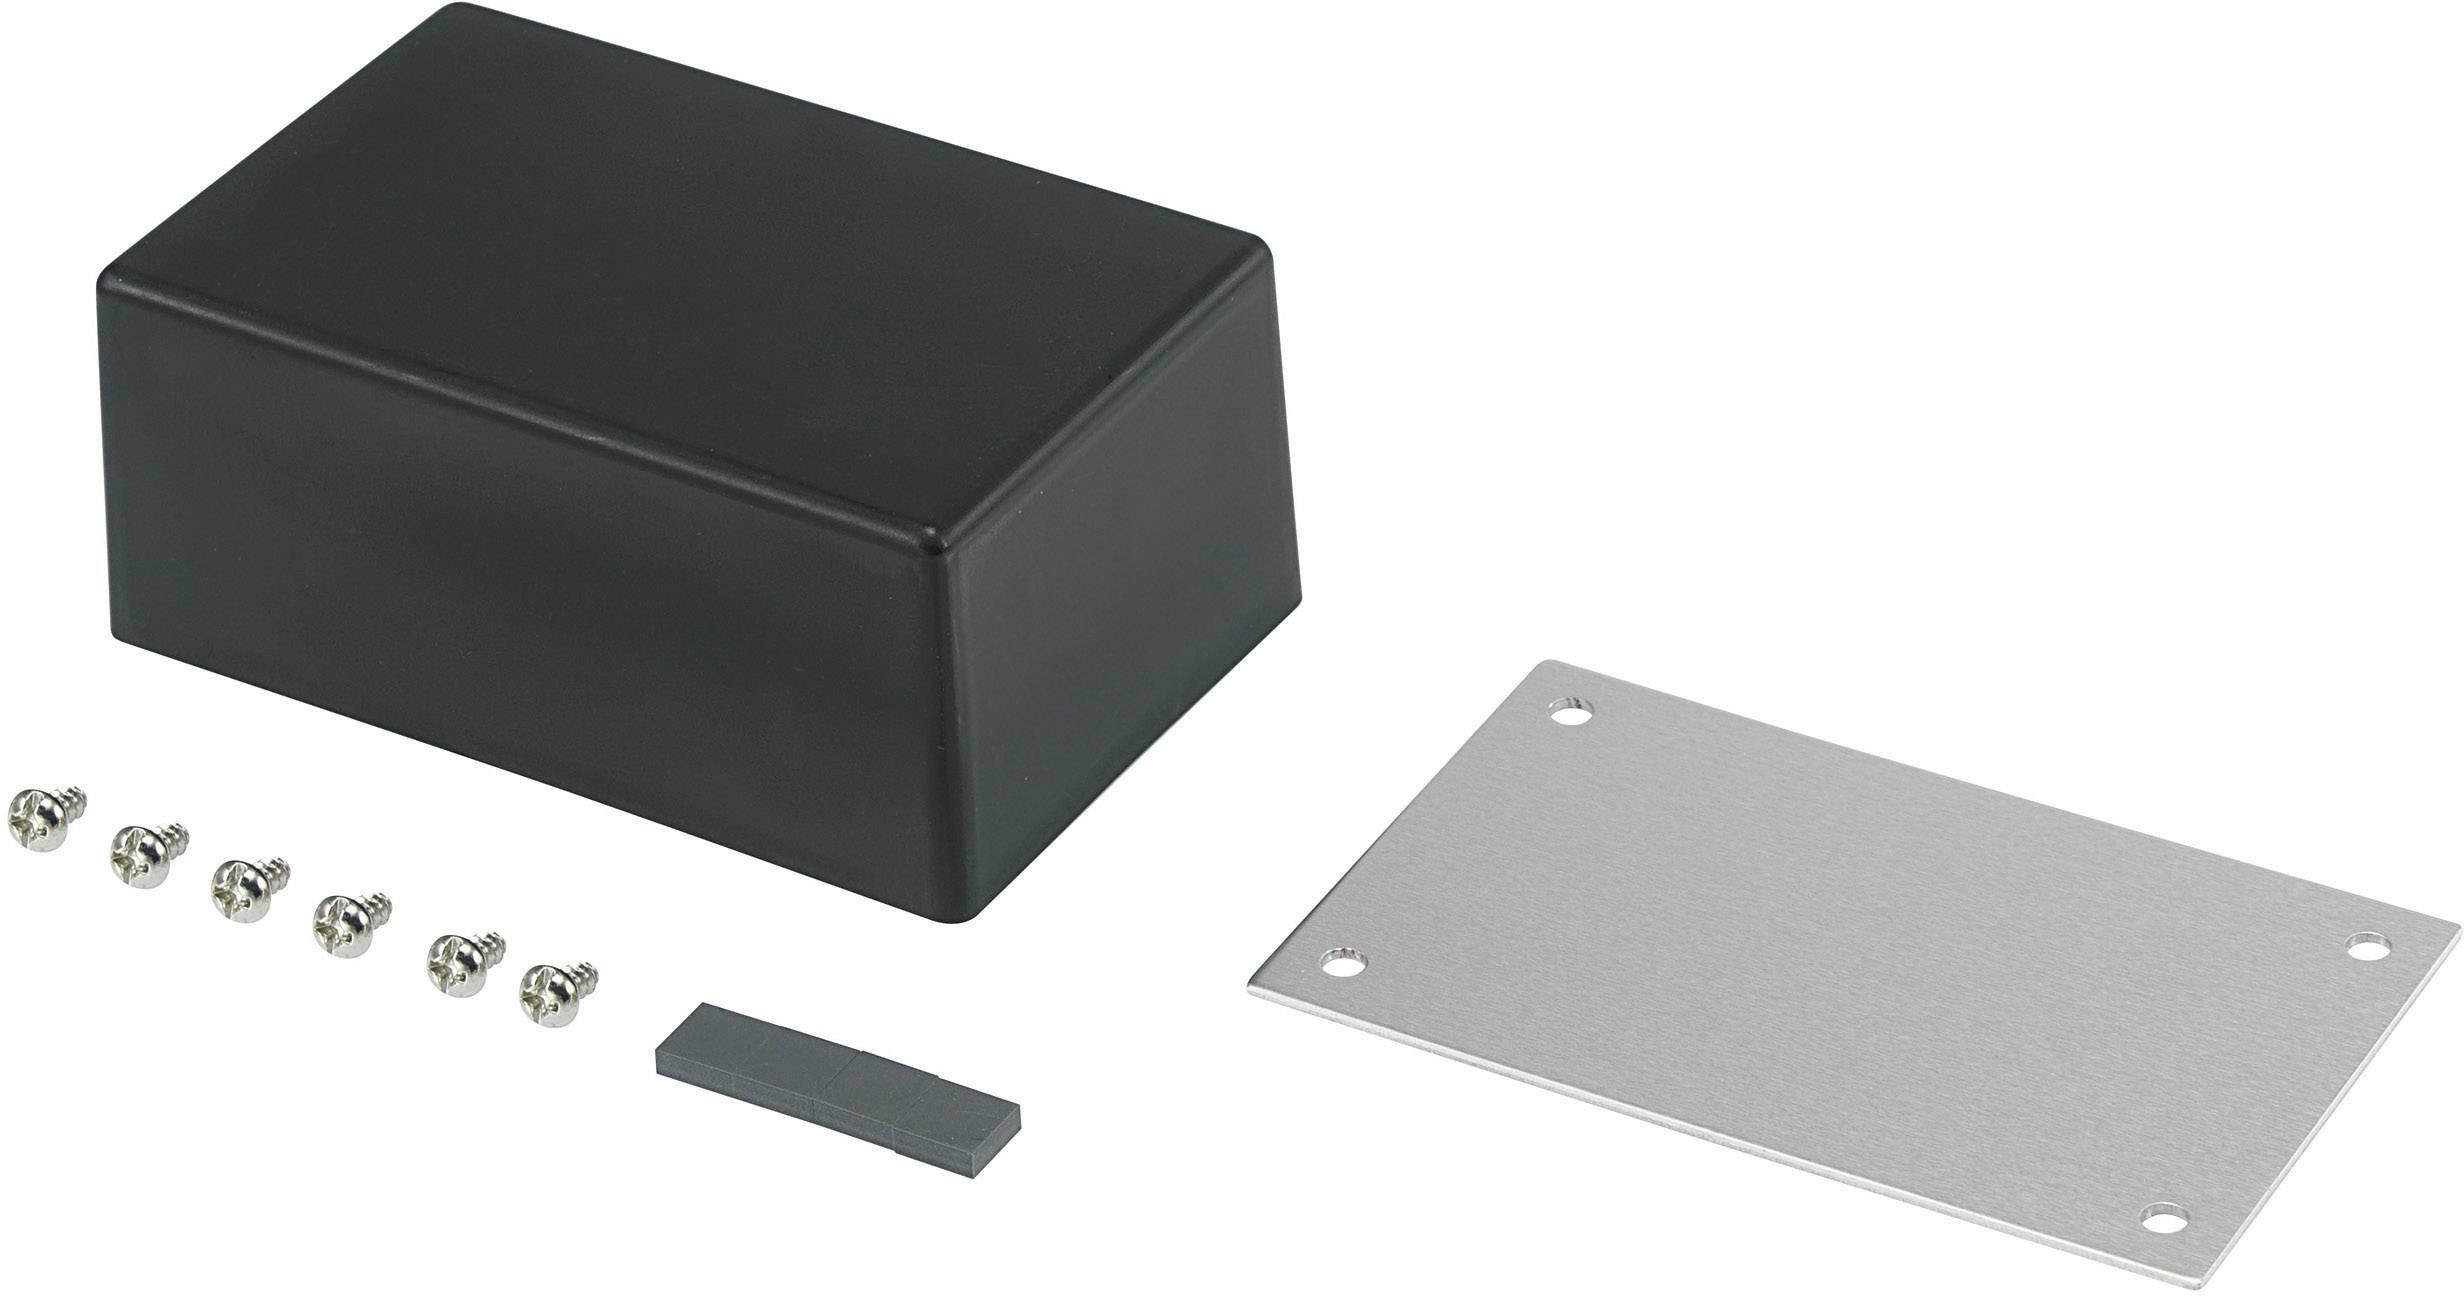 Univerzálne púzdro TRU COMPONENTS 98003C9 530086, 83.5 x 53.5 x 35 , ABS, kov, čierna, 1 ks